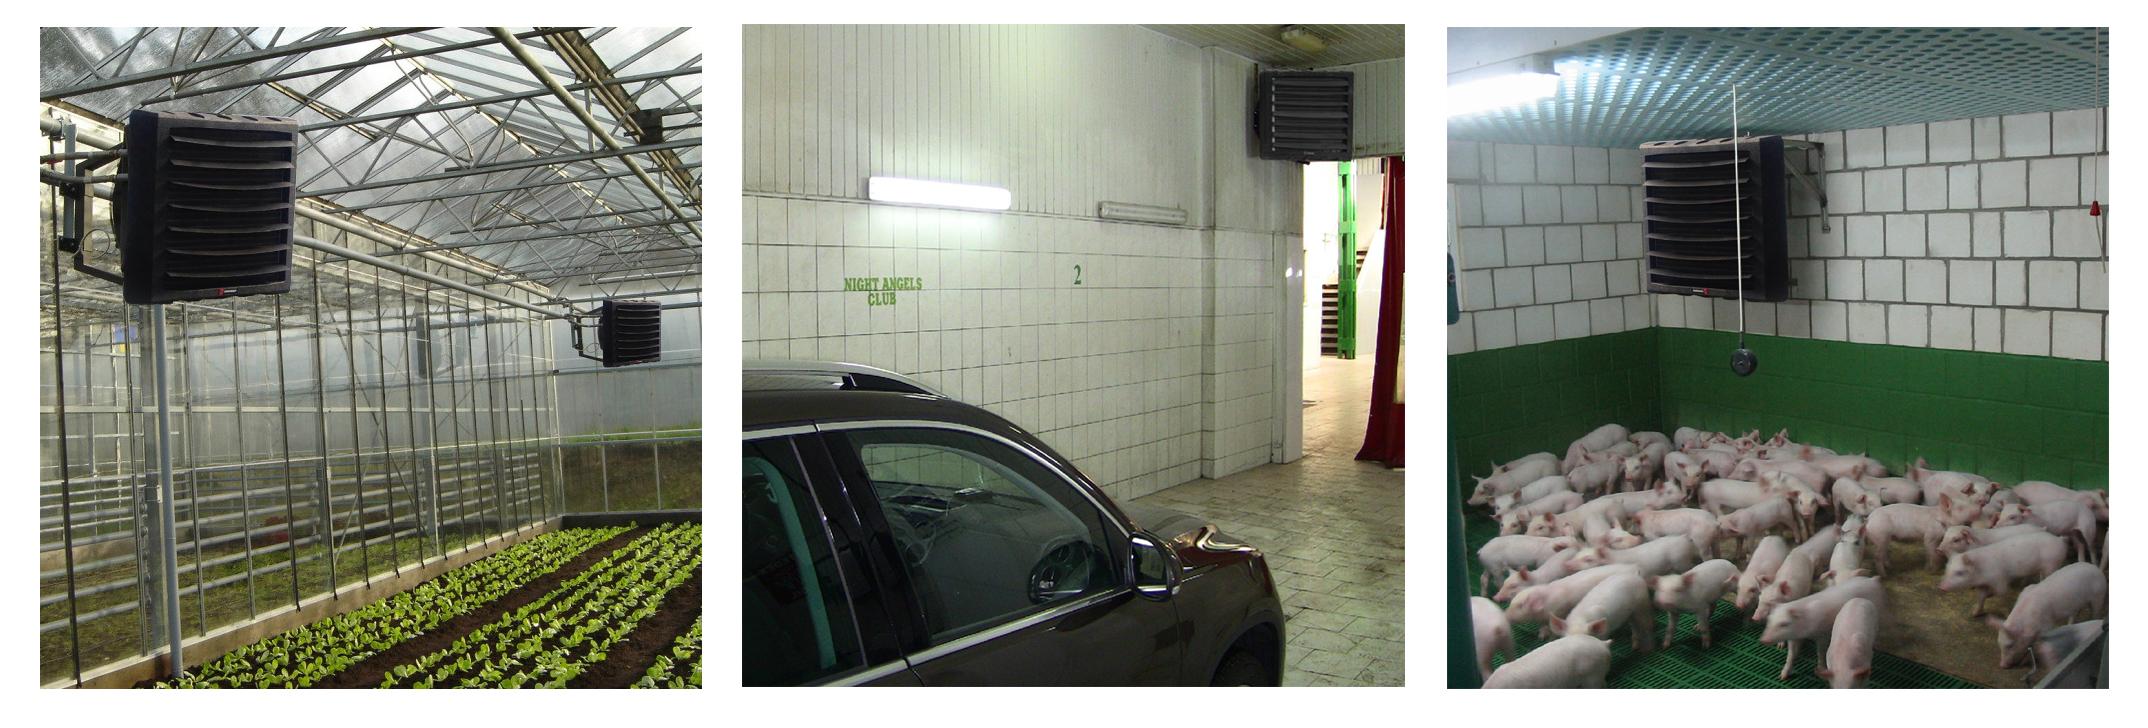 Отопление теплиц, свинарников, авто моек воздушно отоплительными агрегатами